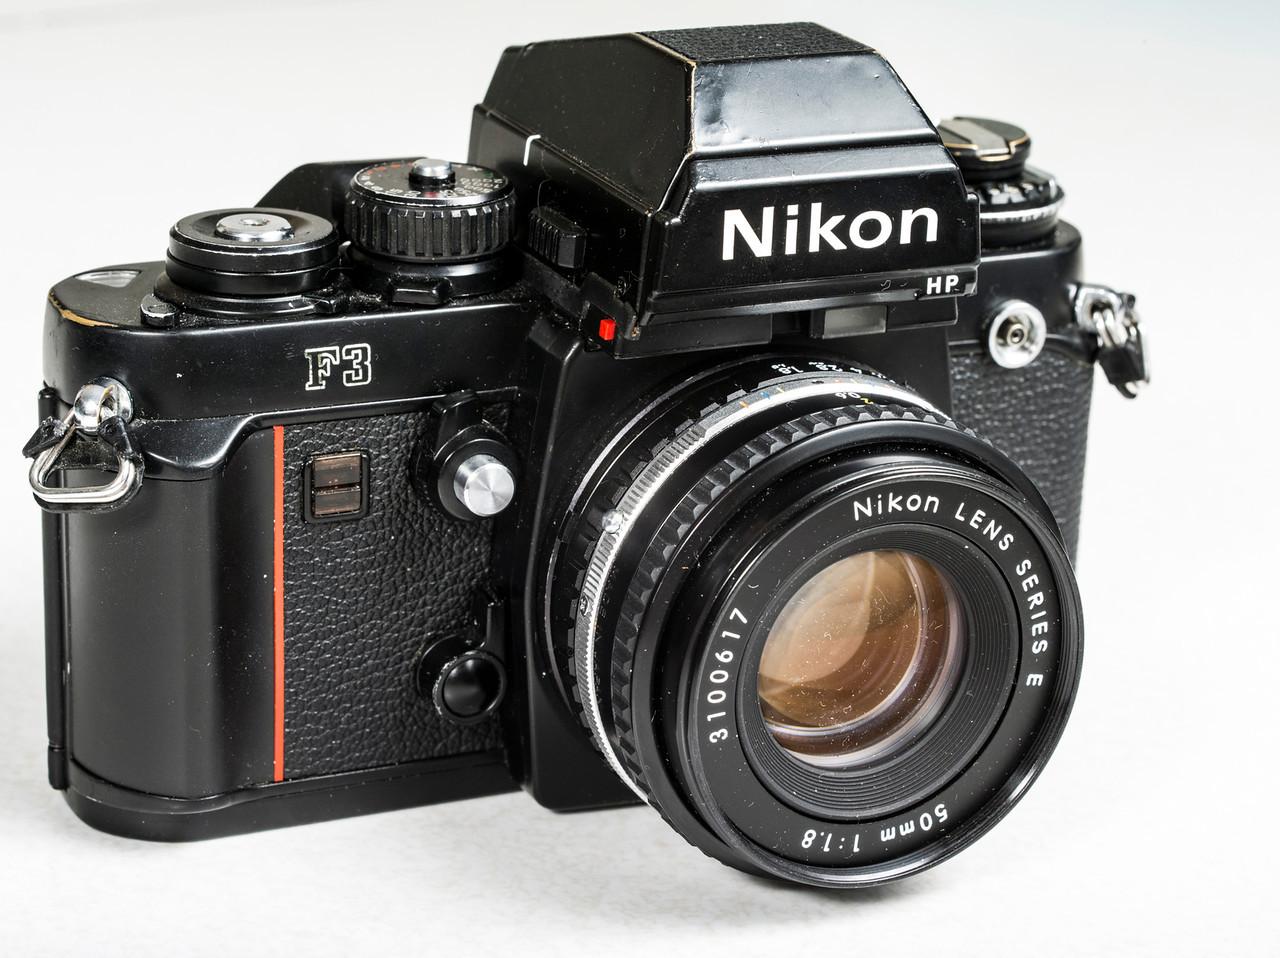 Weekly Nikon News Flash 426